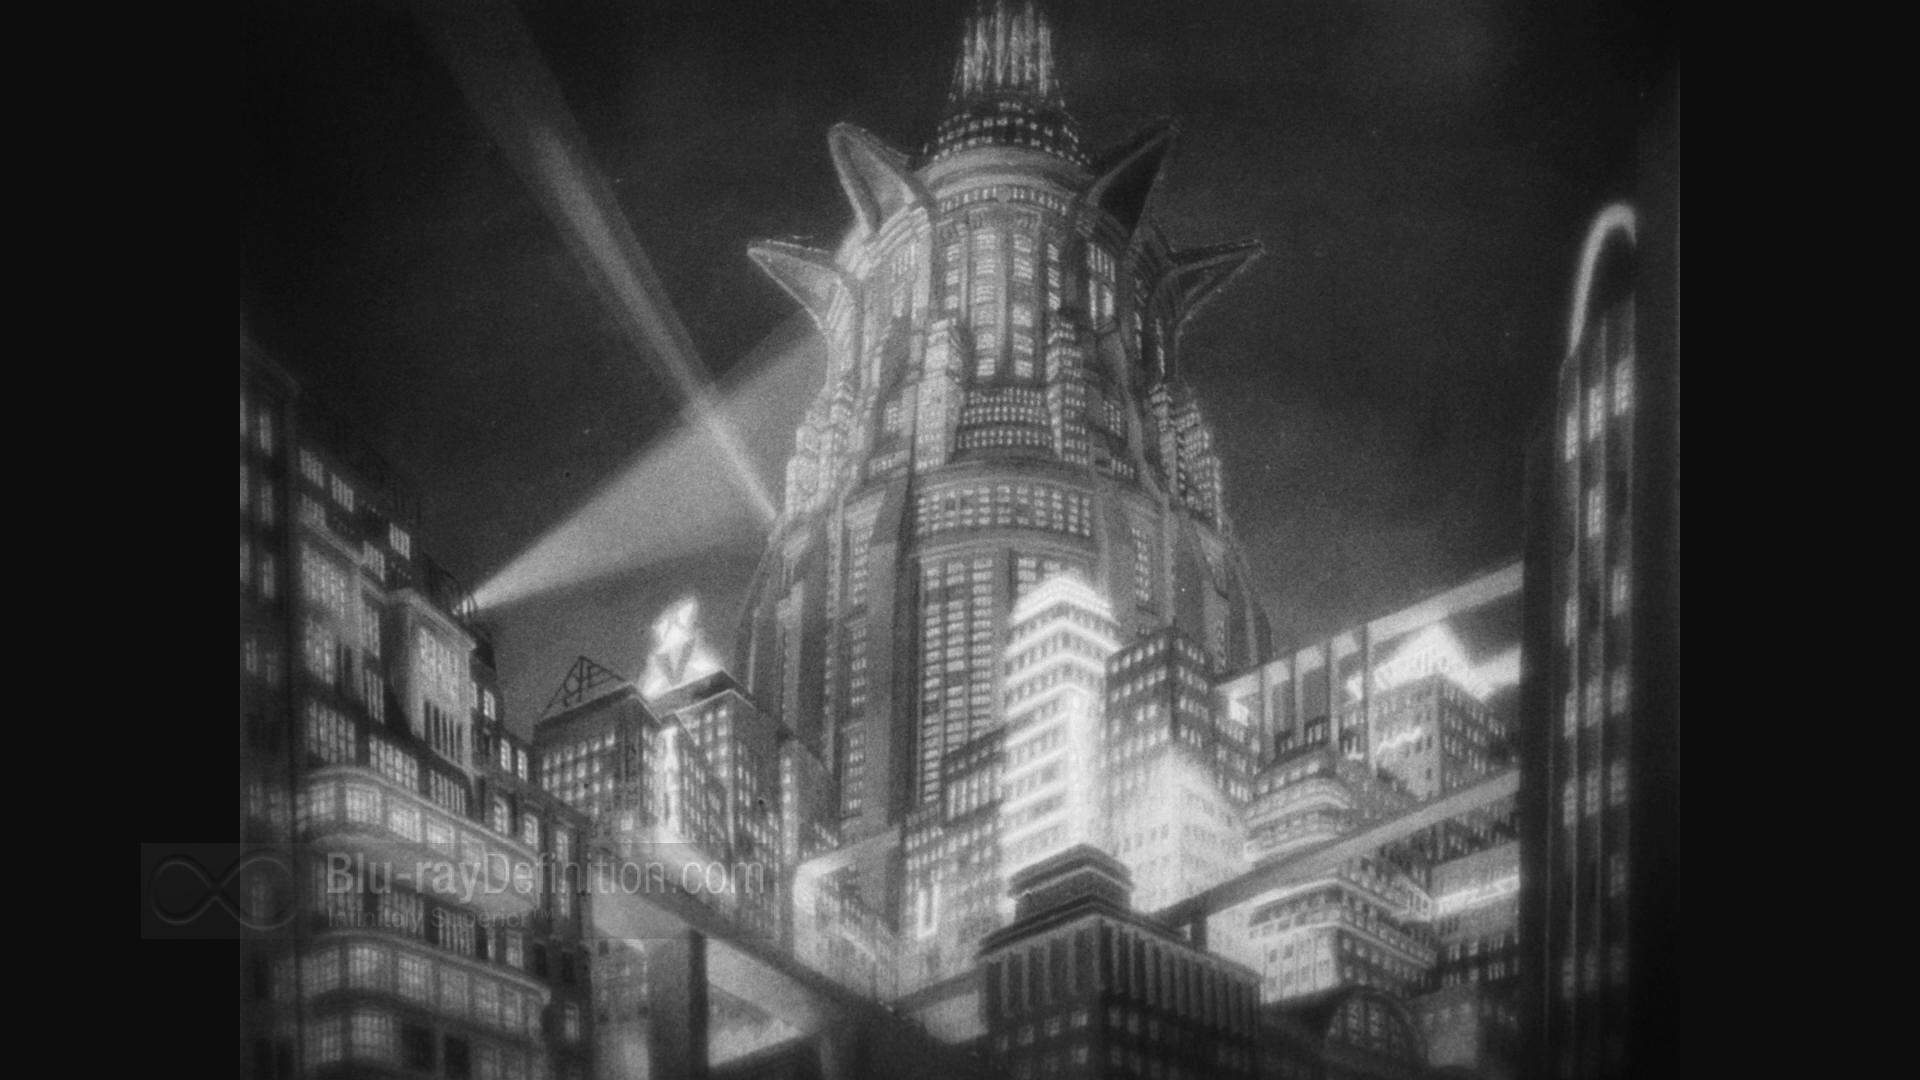 """Η """"Μητρόπολη"""", του Φριτς Λανγκ, μια από τις πιο εκφραστικές ταινίες των αρχών του 20ου αιώνα."""